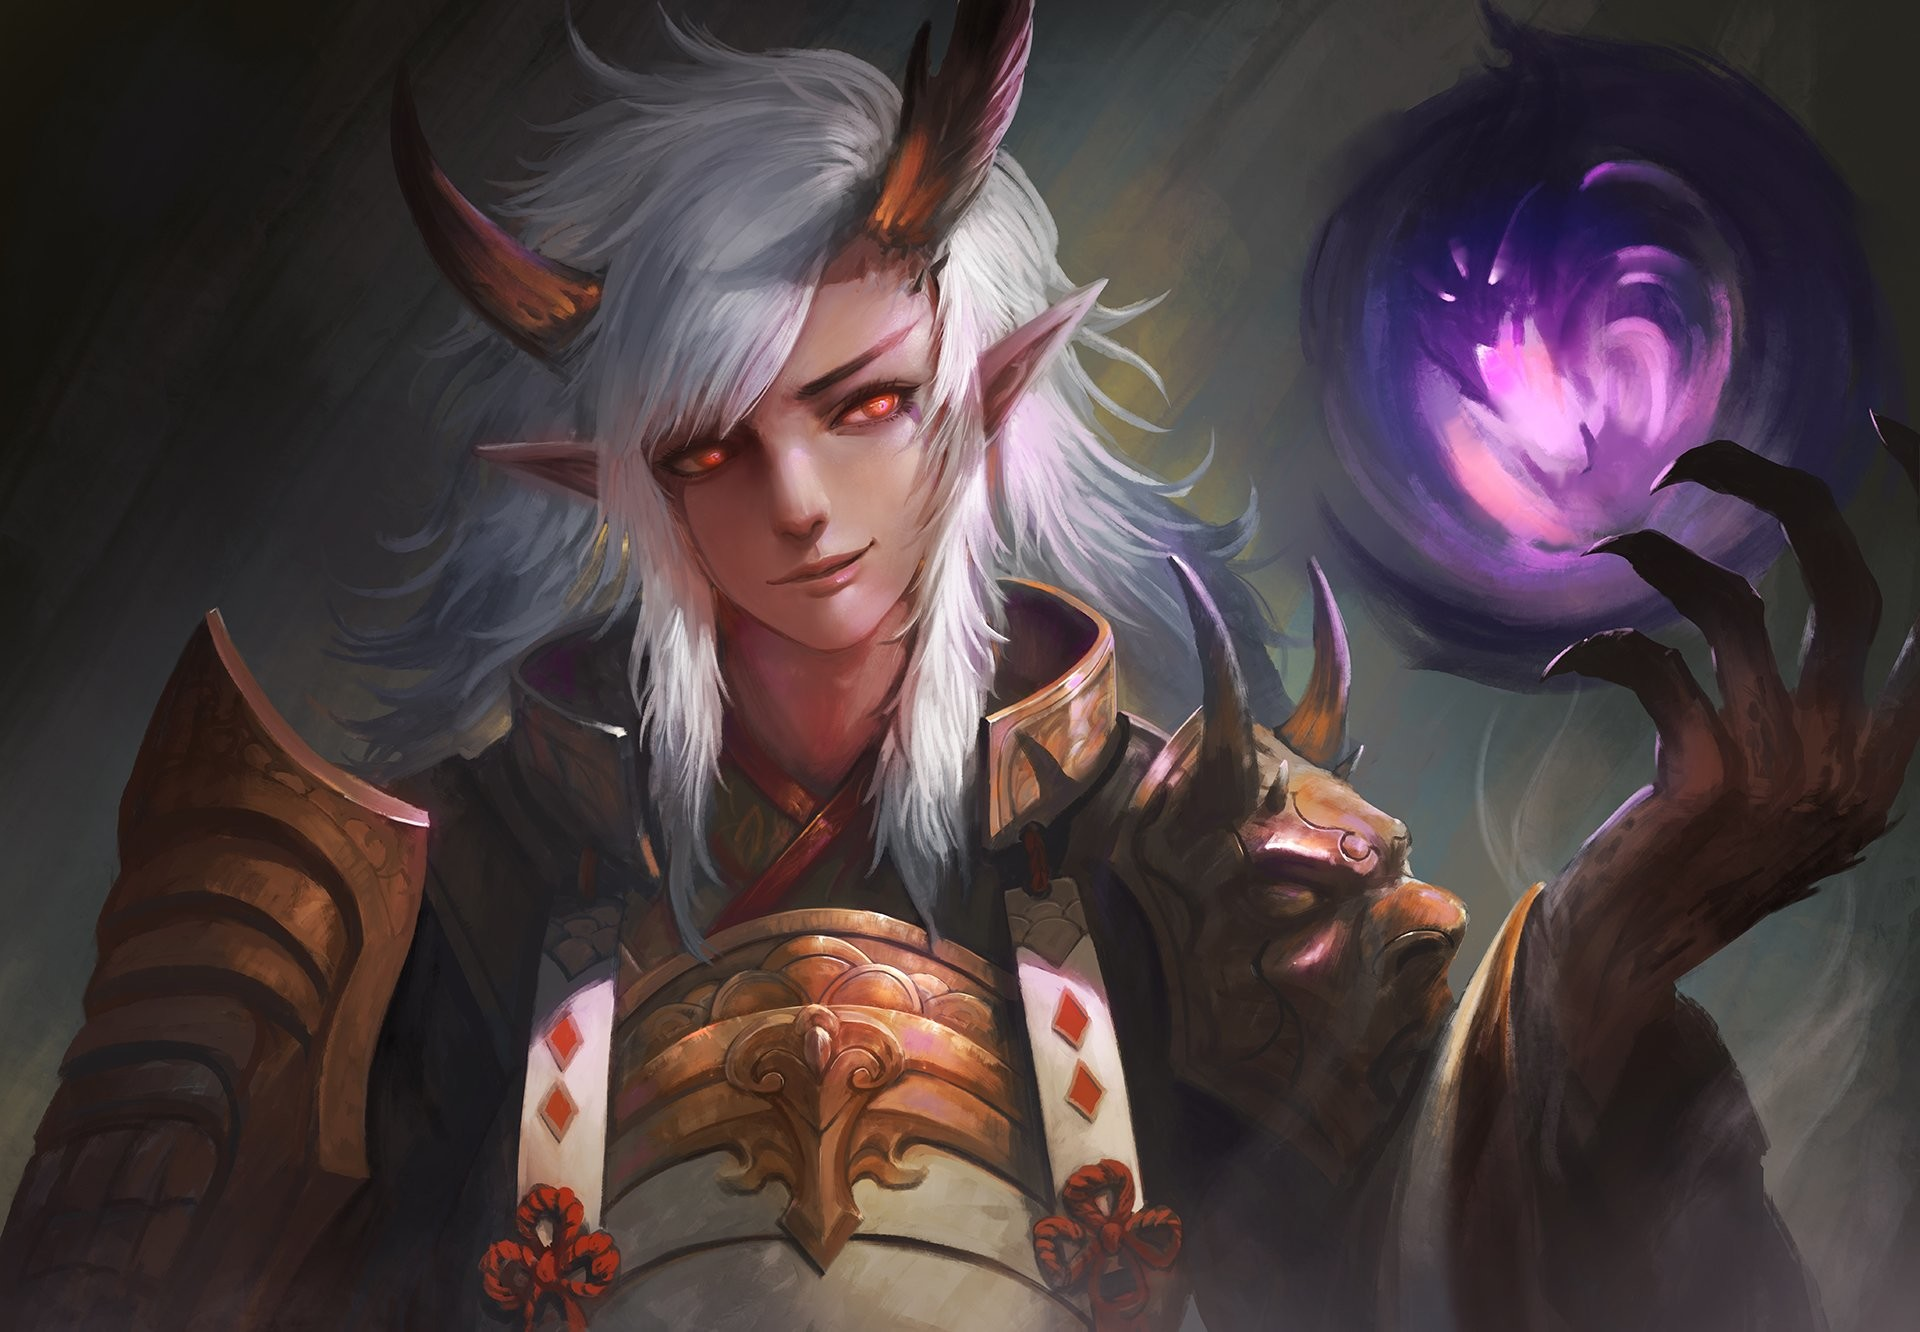 Male armor demon horns ibaraki douji (onmyouji) kaze no gyouja long hair  magic male onmyouji pointed ears realistic red eyes samurai white hair  wallpaper …